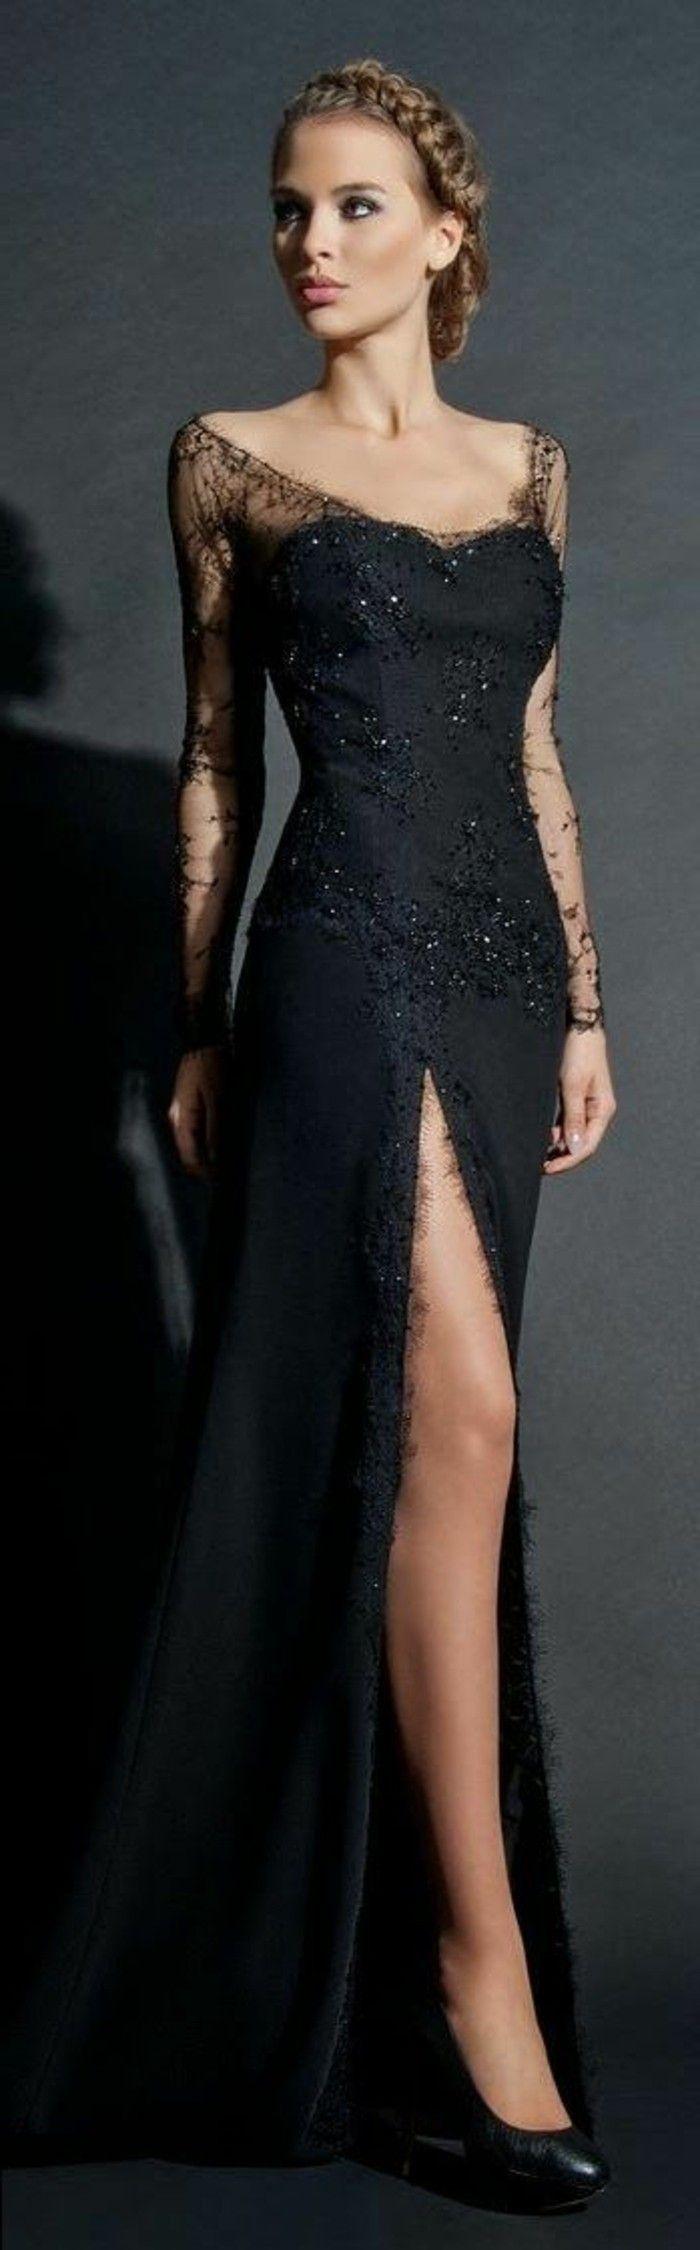 17 Cool Festliches Schwarzes Kleid Vertrieb17 Genial Festliches Schwarzes Kleid Stylish